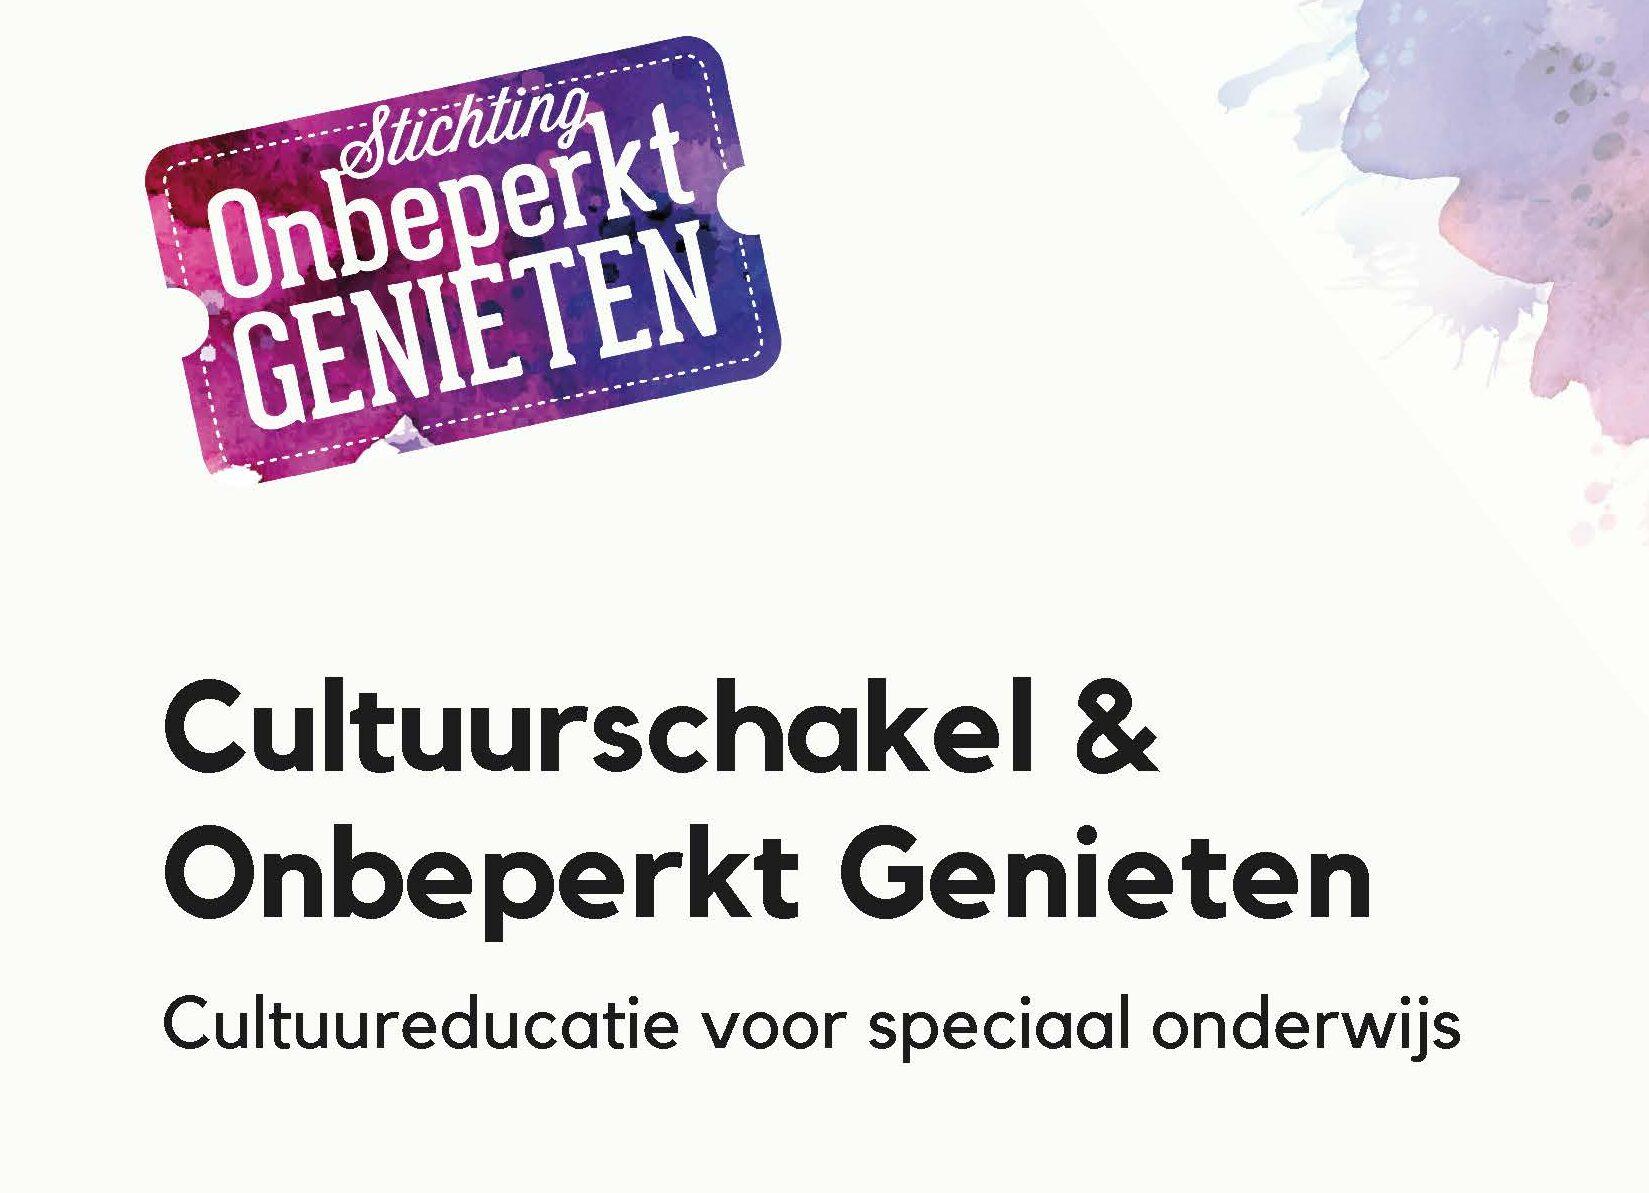 Voorpagina case Cultuurschakel en onbeperkt genieten over cultuureducatie voor speciaal onderwijs